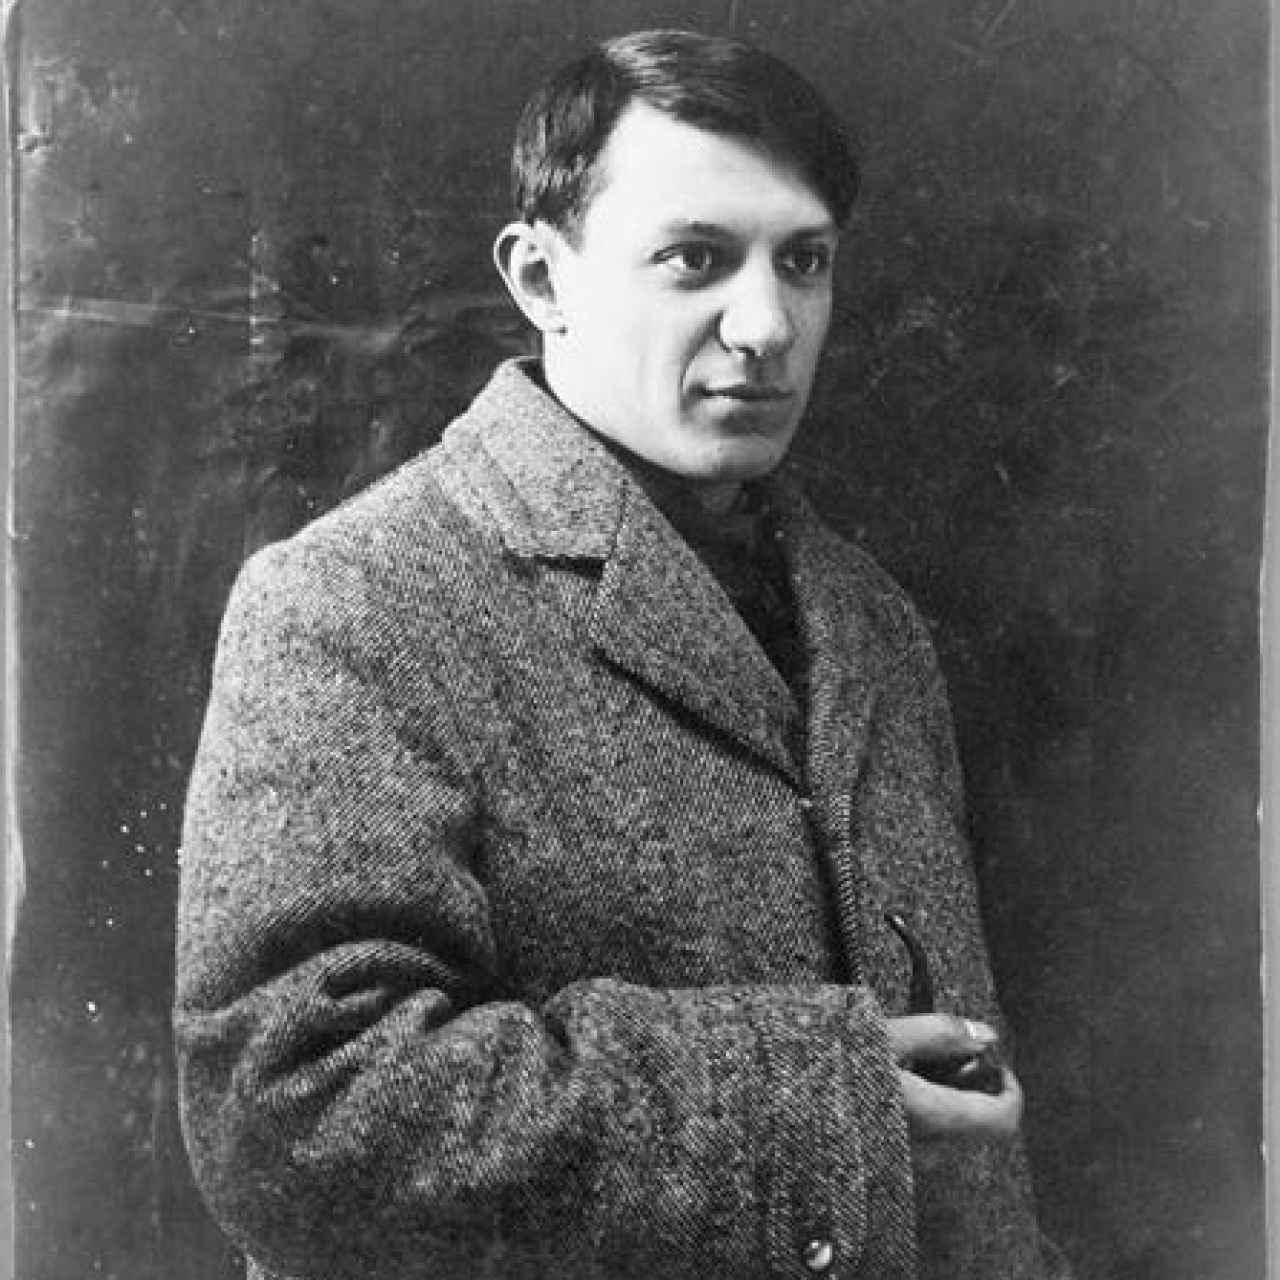 Picasso en 1908.